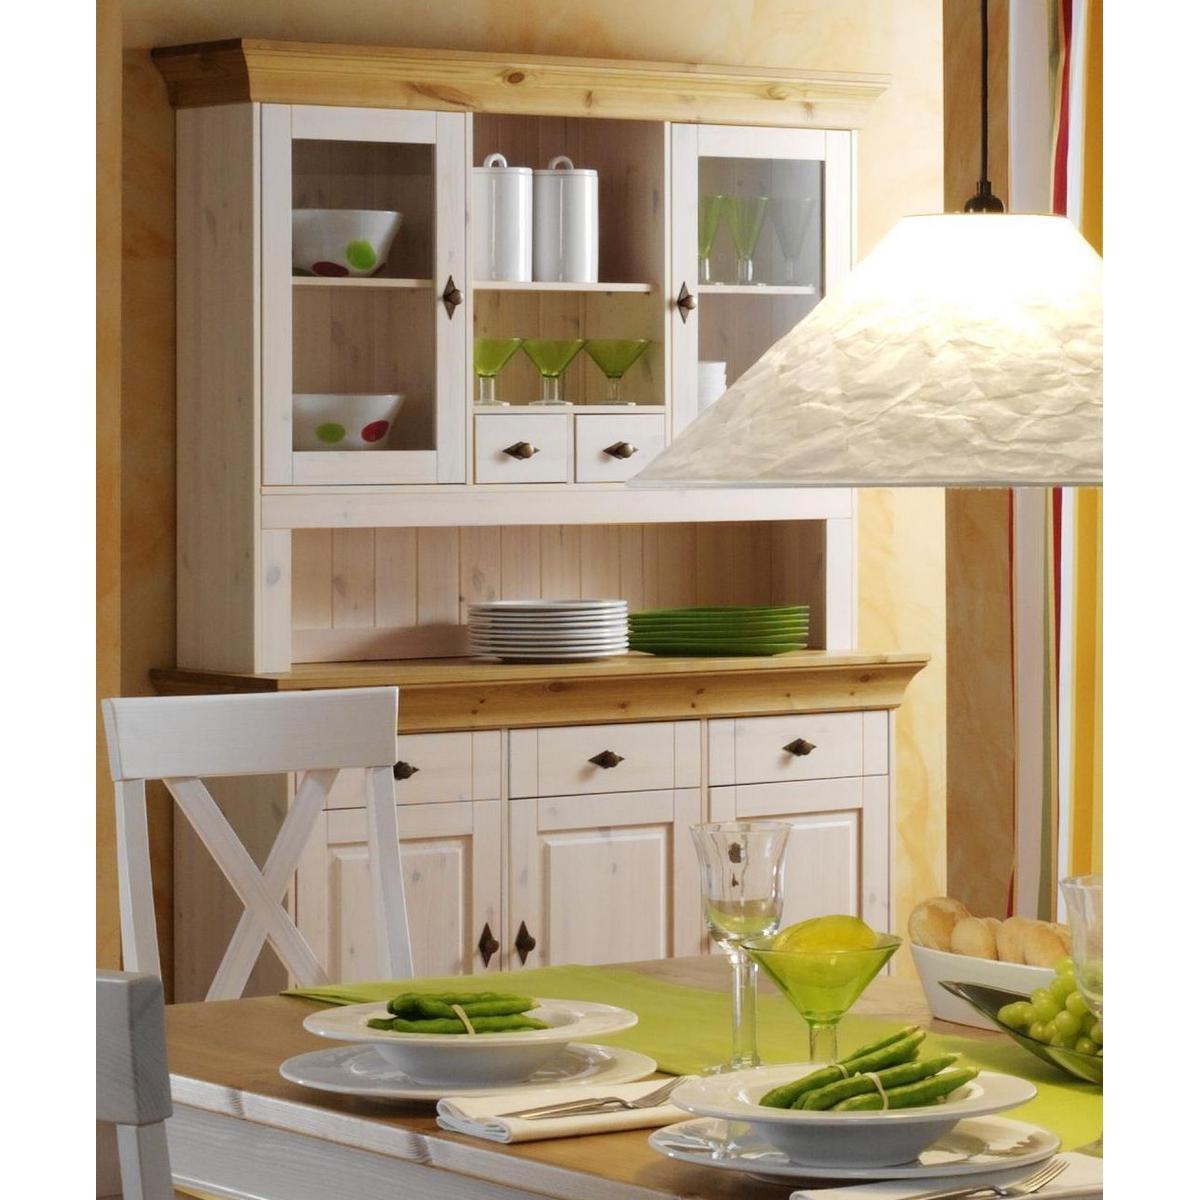 Schlafzimmer Kiefer Massiv Weis Gebeizt : ... Buffetschrank Bergen - Holz Kiefer massiv 2-farbig weiß - gebeizt